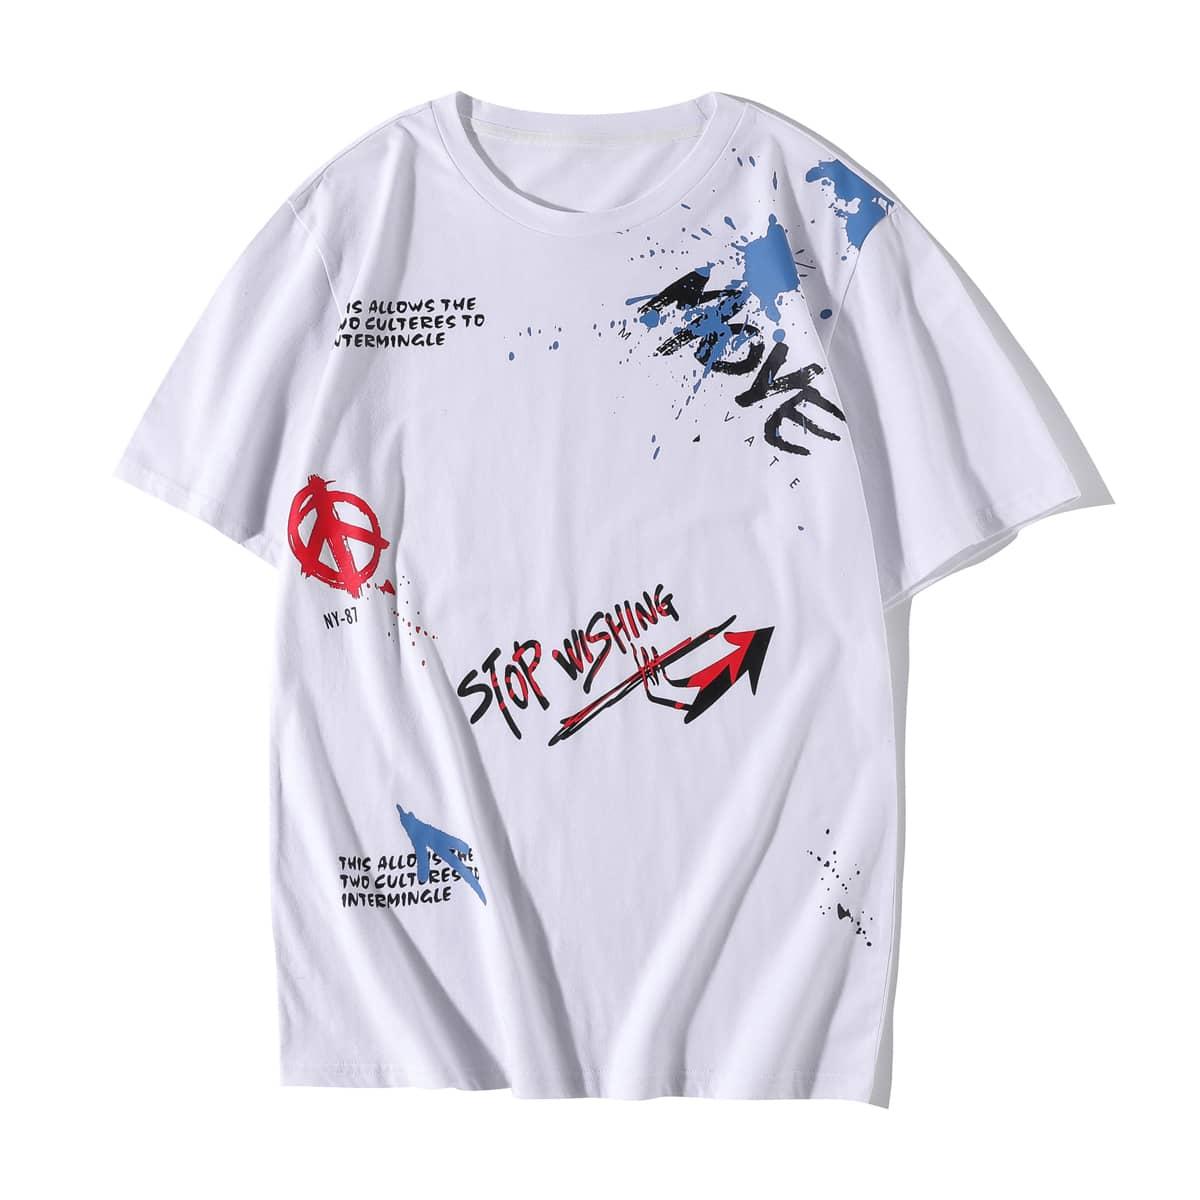 Hombres Camiseta con slogan & con estampado de flecha